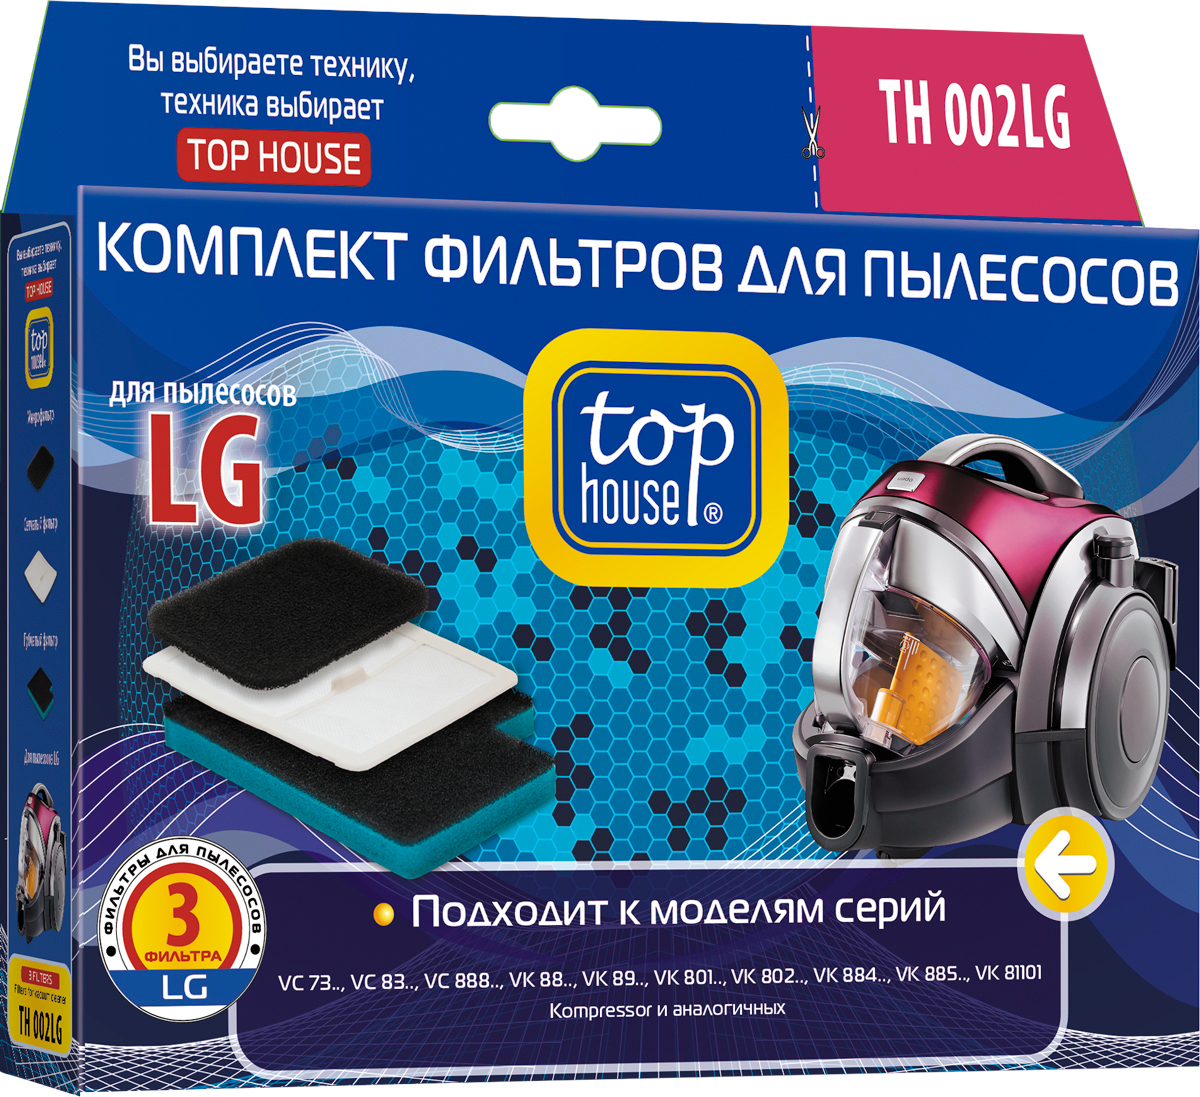 Top House TH 002LG комплект фильтров для пылесосов LG, 3 шт линолеум tarkett grand jakarta 1 3м